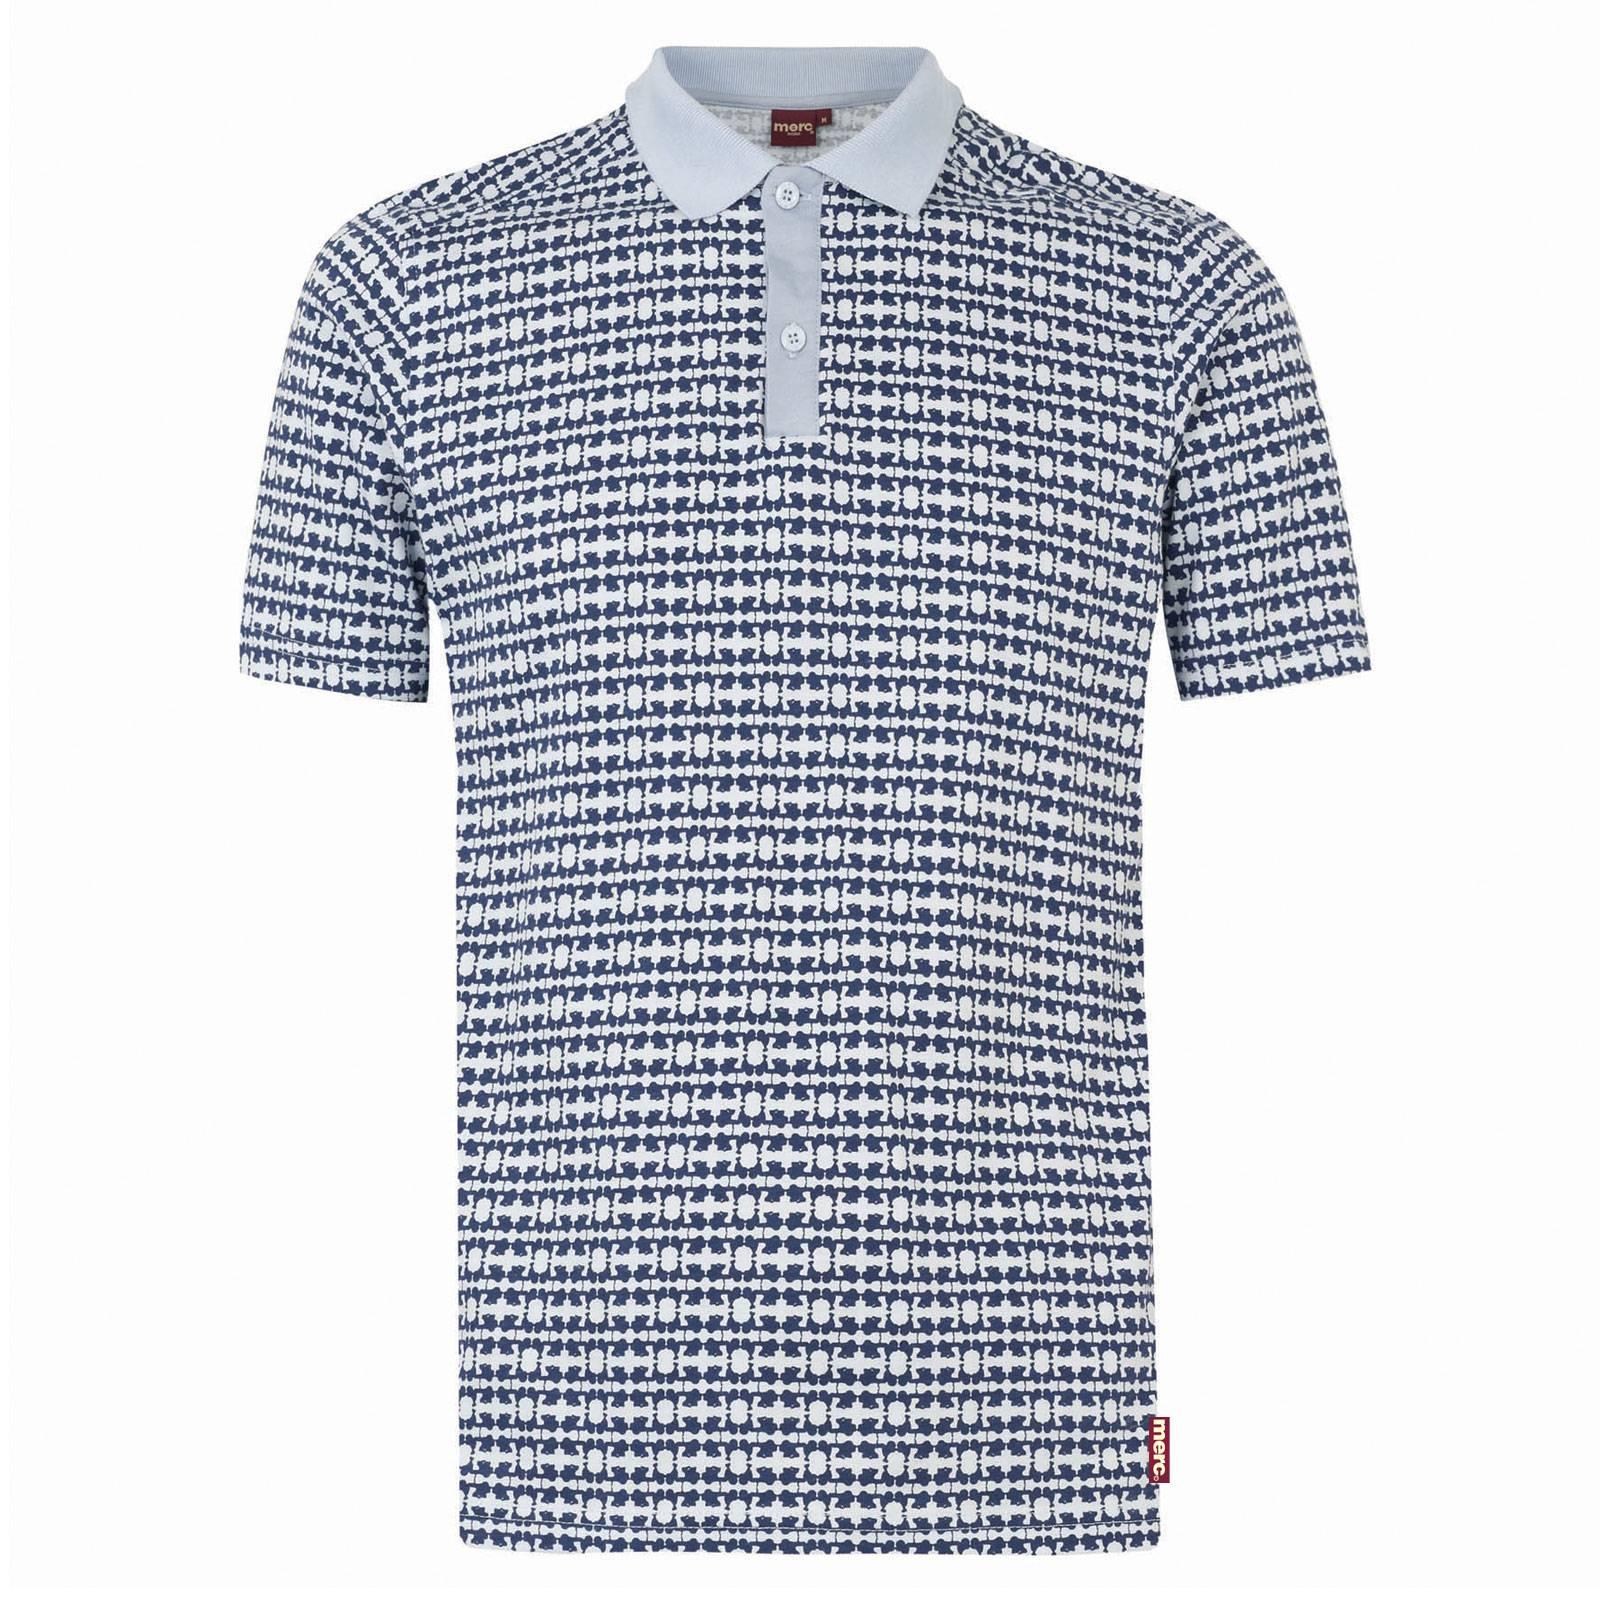 Рубашка Поло PeterПоло<br><br><br>Артикул: 1913108<br>Материал: 100% хлопок<br>Цвет: сине-голубой<br>Пол: Мужской